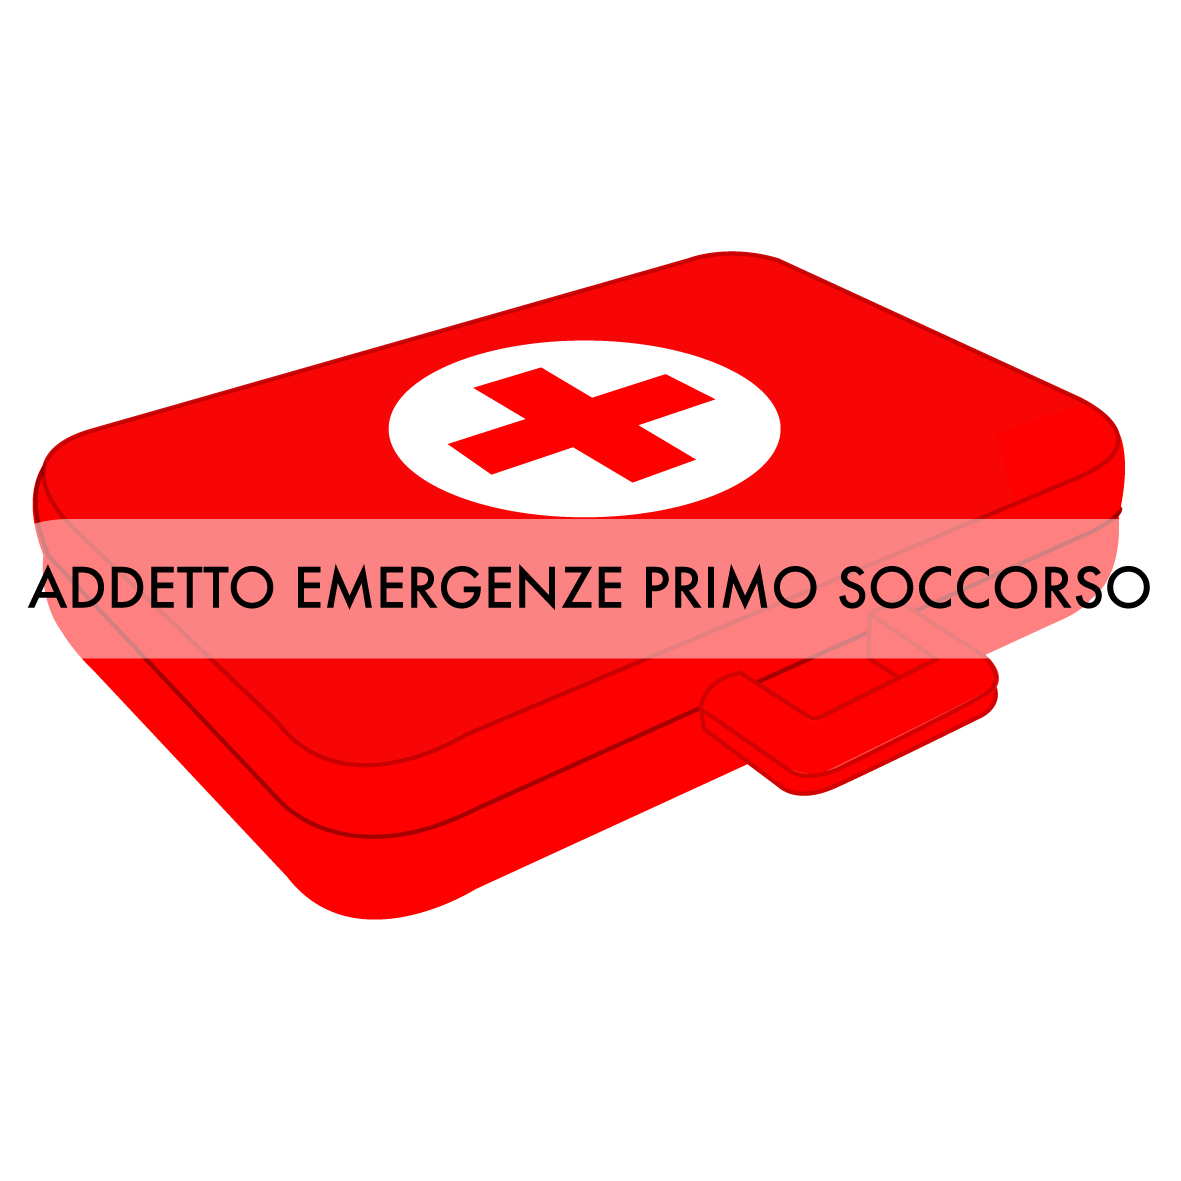 Corso di aggiornamento per addetto alle emergenze di primo soccorso mercoledì 3 aprile 2019 al Centro San Salvatore